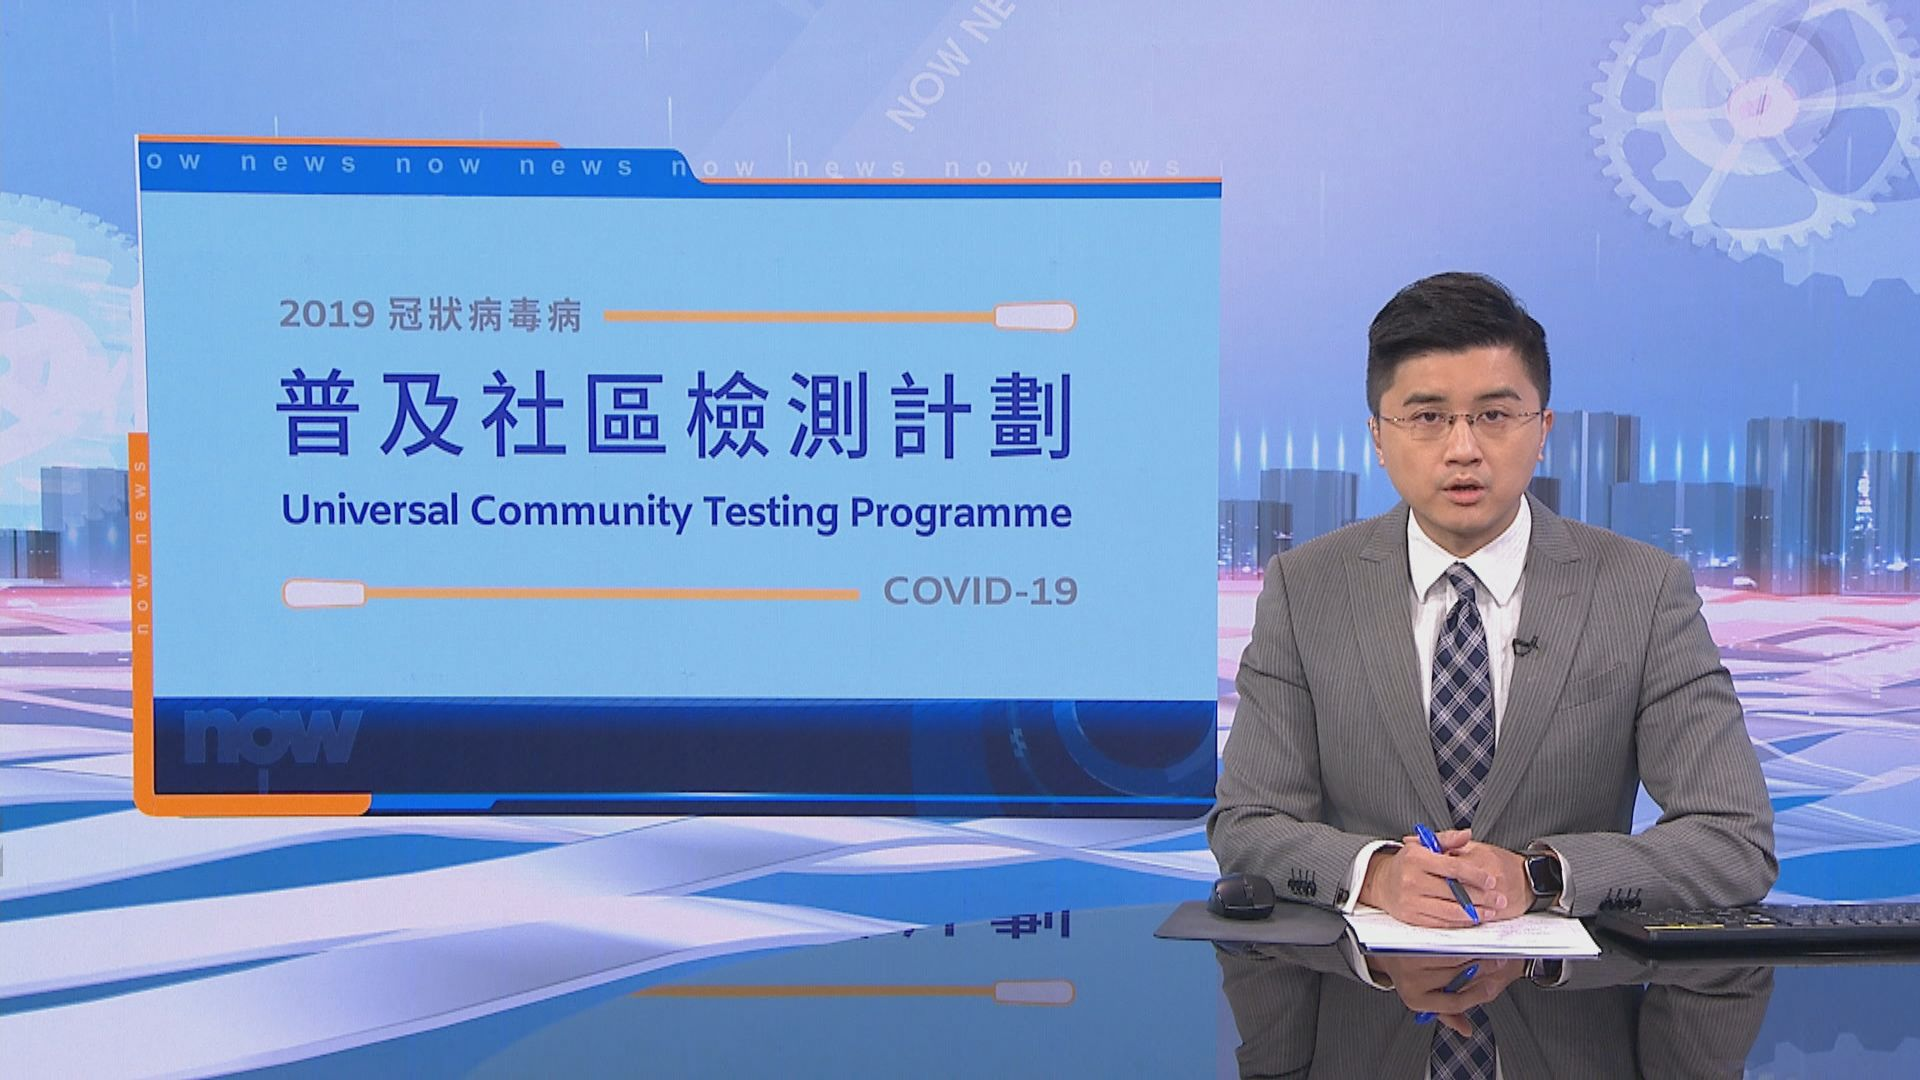 普及社區檢測計劃截至下午五時 逾65萬人預約